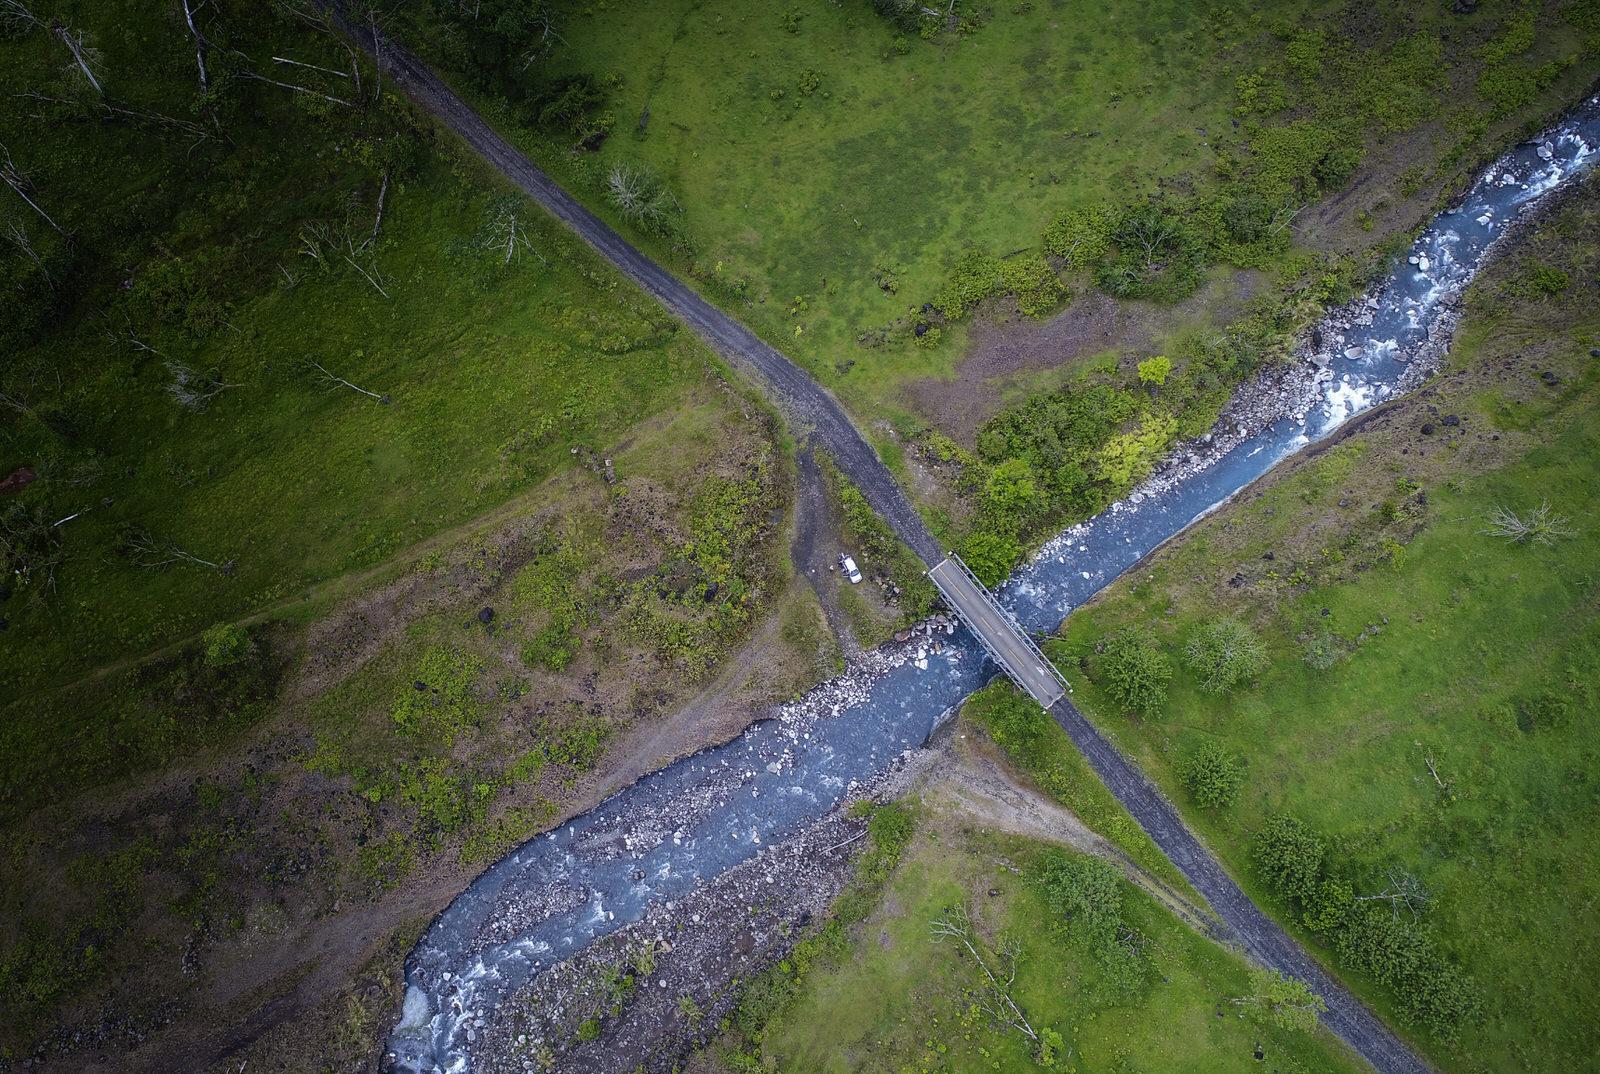 Vista aérea de inicio de caminata